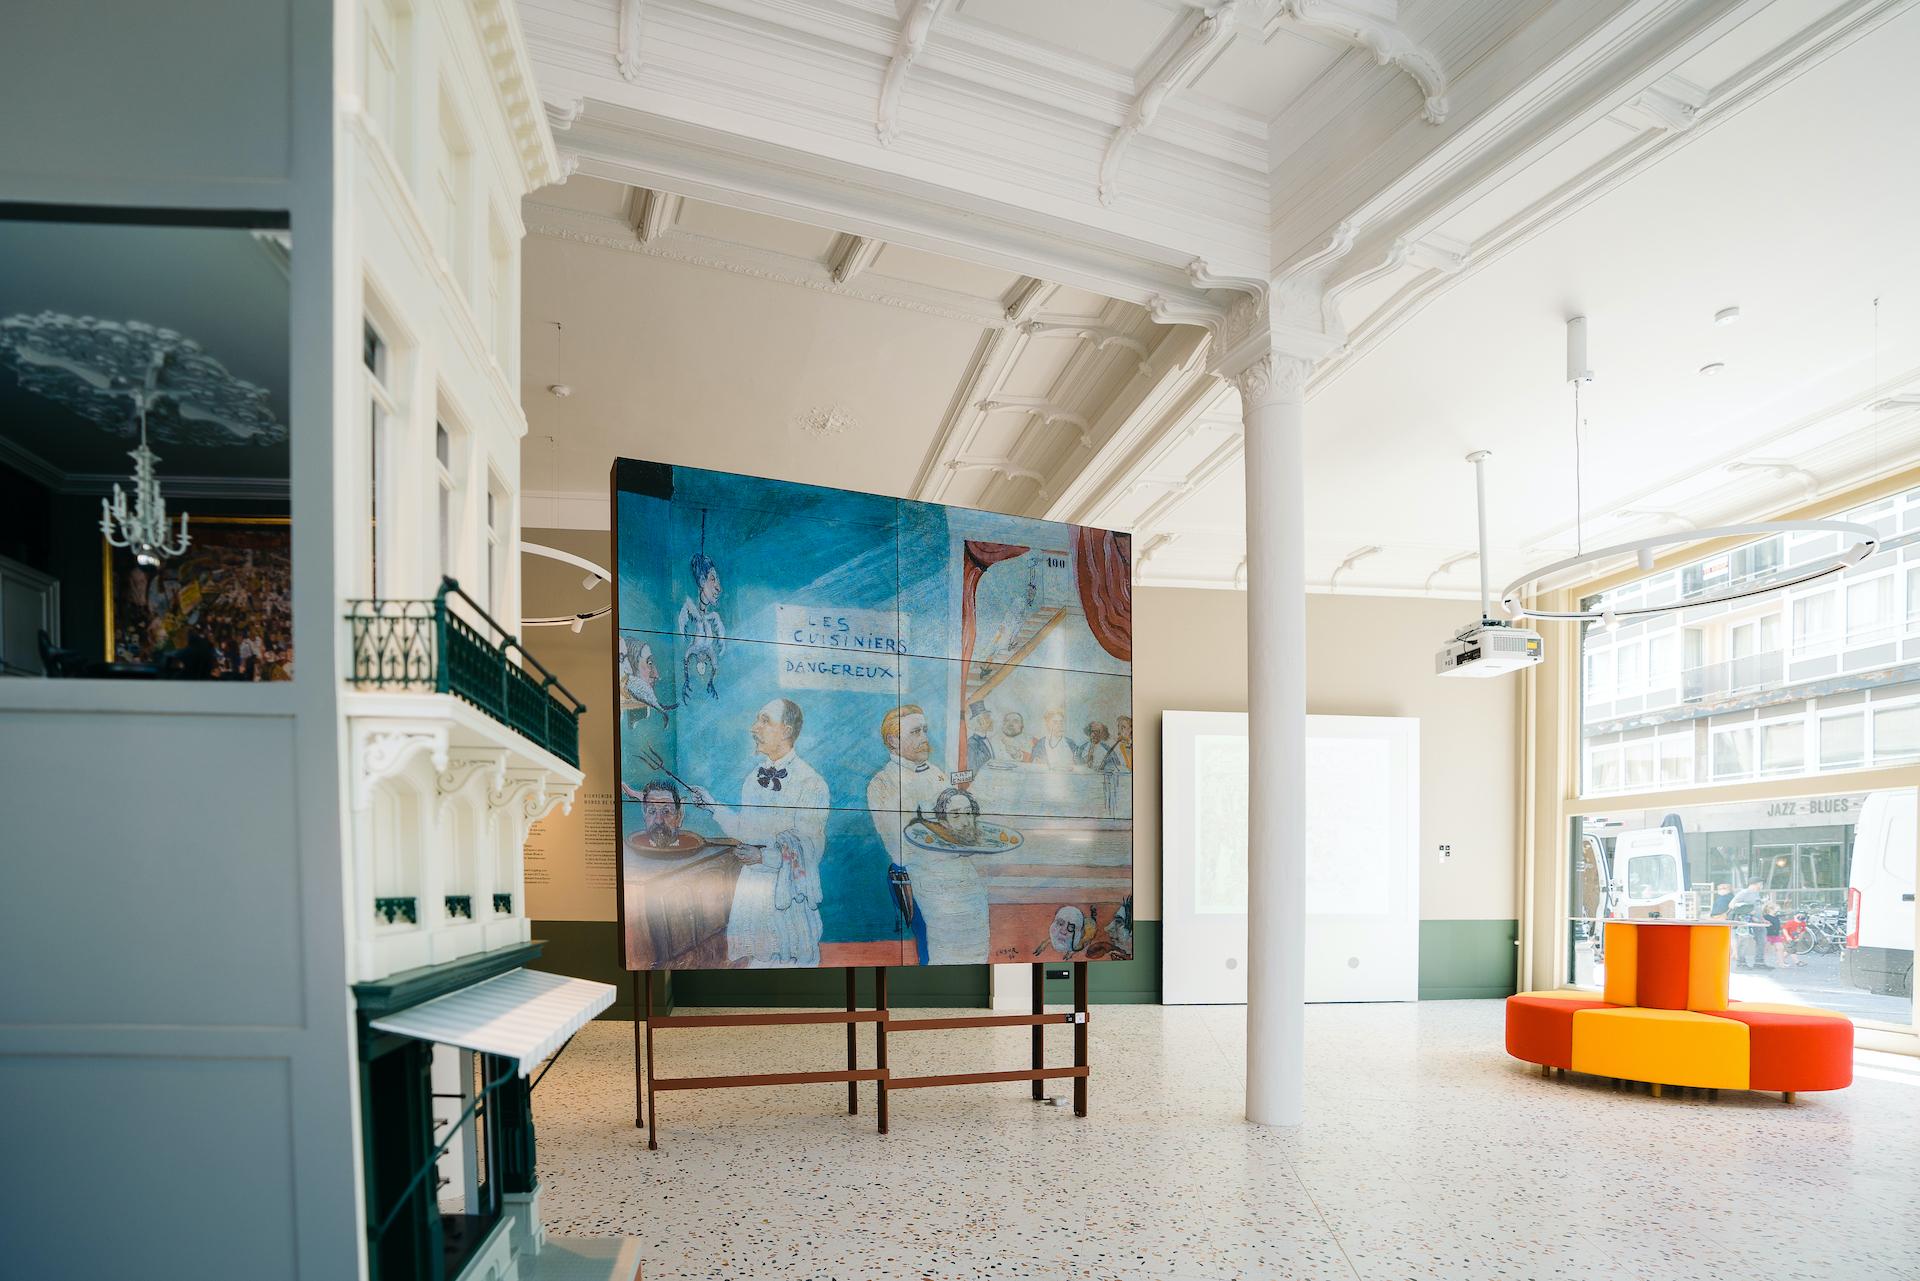 Ensor Experience Center, Oostende © Nick Decombel, VISIT OOSTENDE